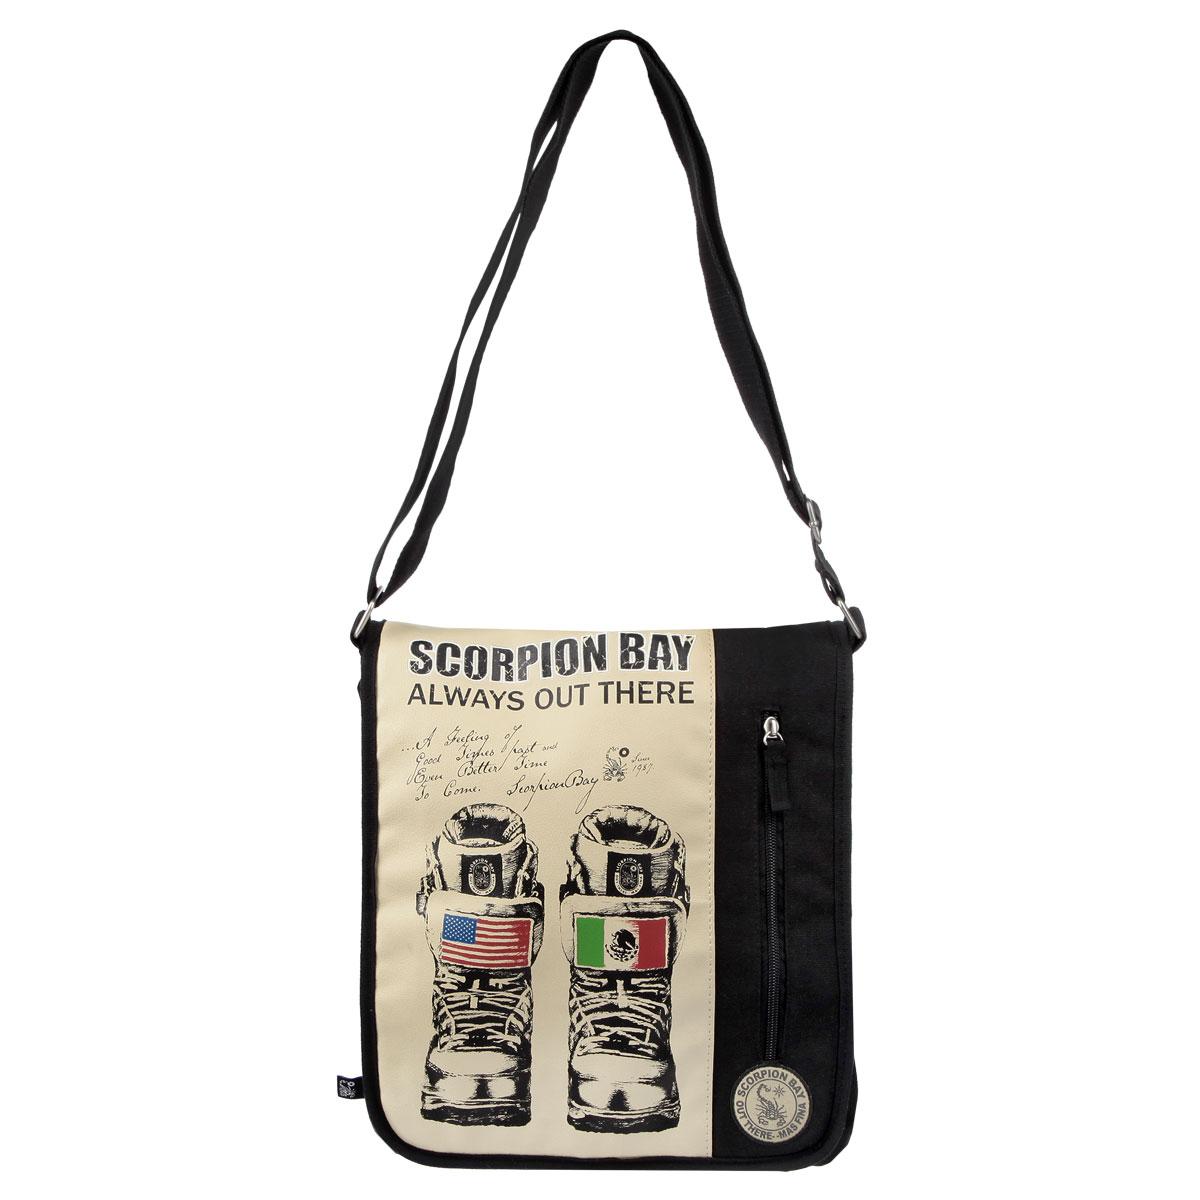 Сумка молодежная Scorpion Bay, цвет: черный, бежевыйSBAB-RT1-1342Оригинальная молодежная сумка Scorpion Bay прекрасно подойдет для учебы, занятий спортом и повседневных дел. Стильная, легкая и удобная сумка с броской нашивкой станет незаменимым аксессуаром. Вместительное внутреннее отделение закрывается на клапан на липучке, в него поместятся все необходимые школьные принадлежности или спортивная форма. На задней стороне большой открытый карман. Внутреннее отделение содержит дополнительный карман на молнии и два небольших открытых кармана. Плотная и широкая лямка свободно регулируется по длине, что позволяет носить сумку школьникам разного возраста. Лаконичный и сдержанный дизайн подчеркнет индивидуальность и порадует своей функциональностью.